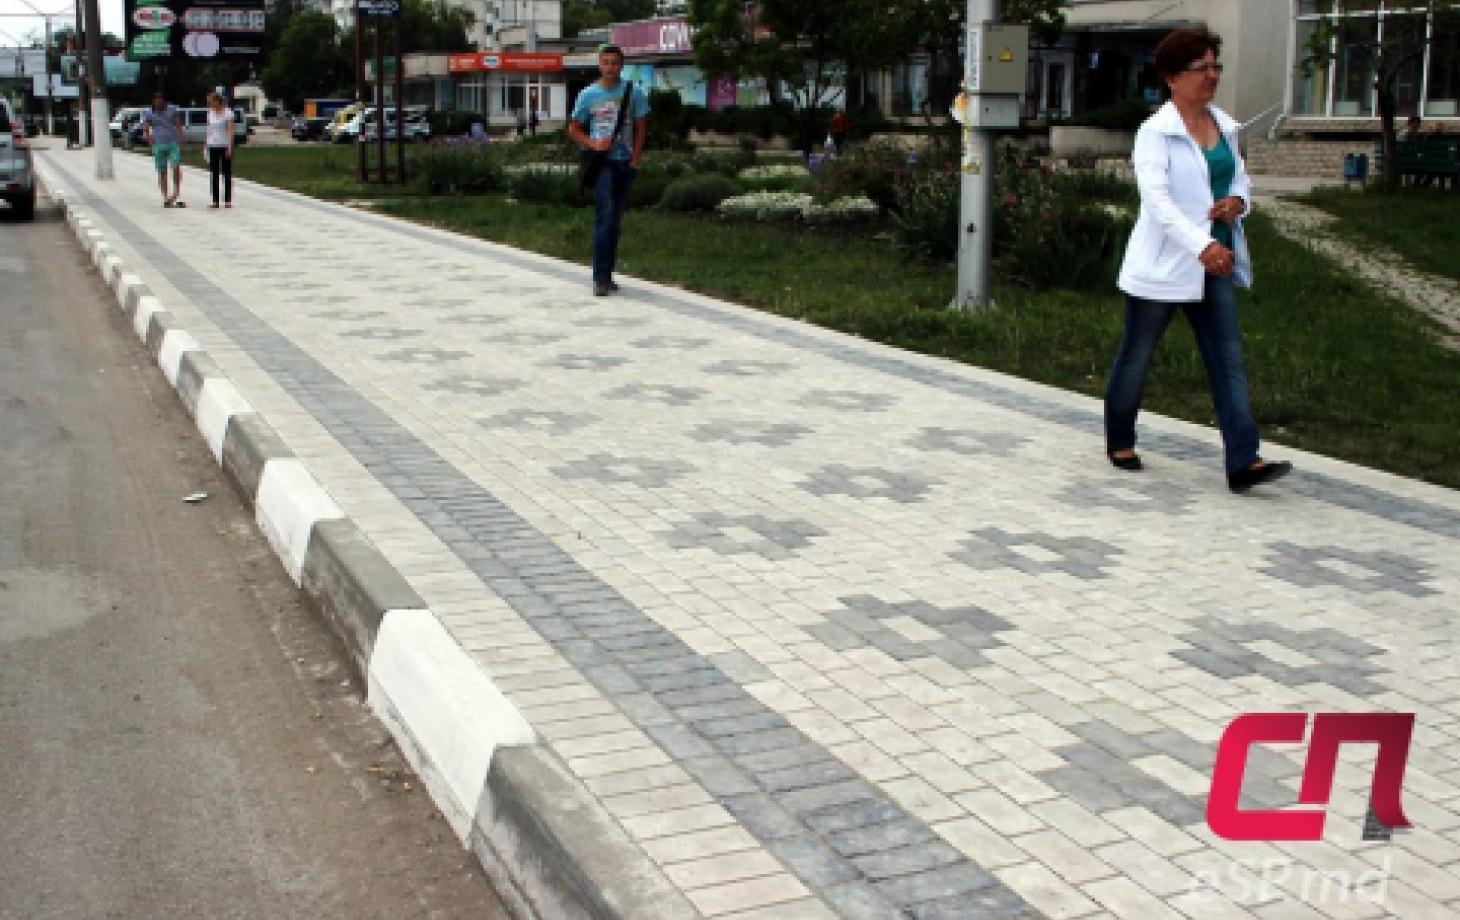 Ул. Штефана чел Маре - тротуарная плитка